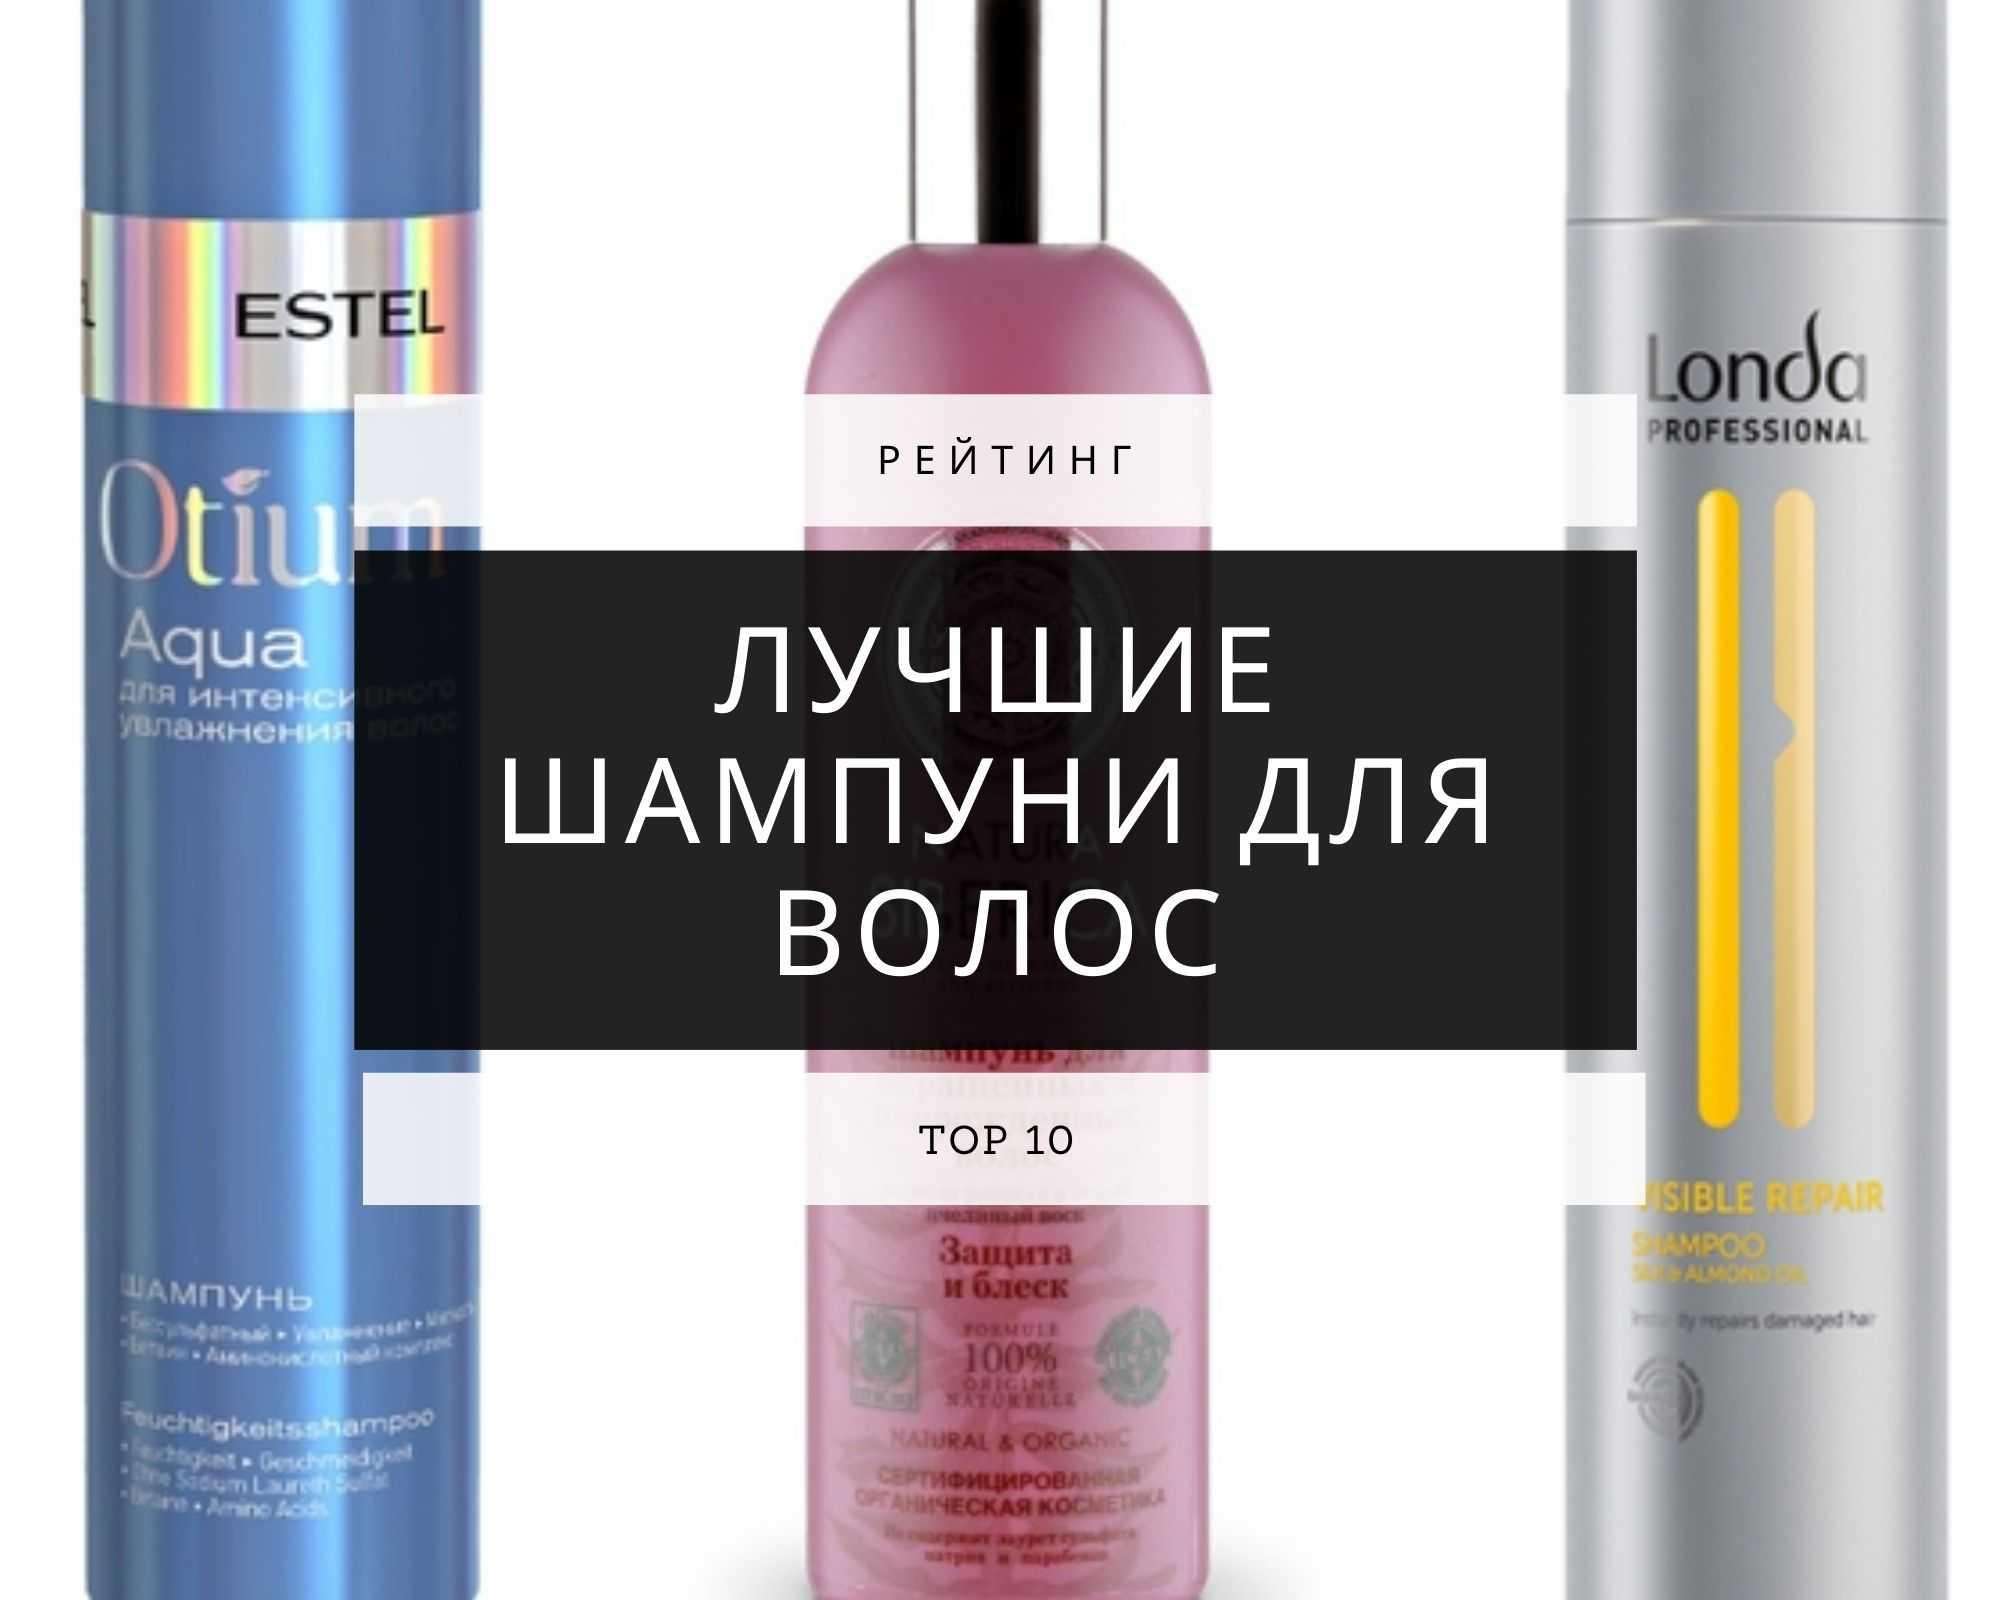 Как выбрать шампунь для волос: типы волос, виды шампуней, общие рекомендации по подбору средства